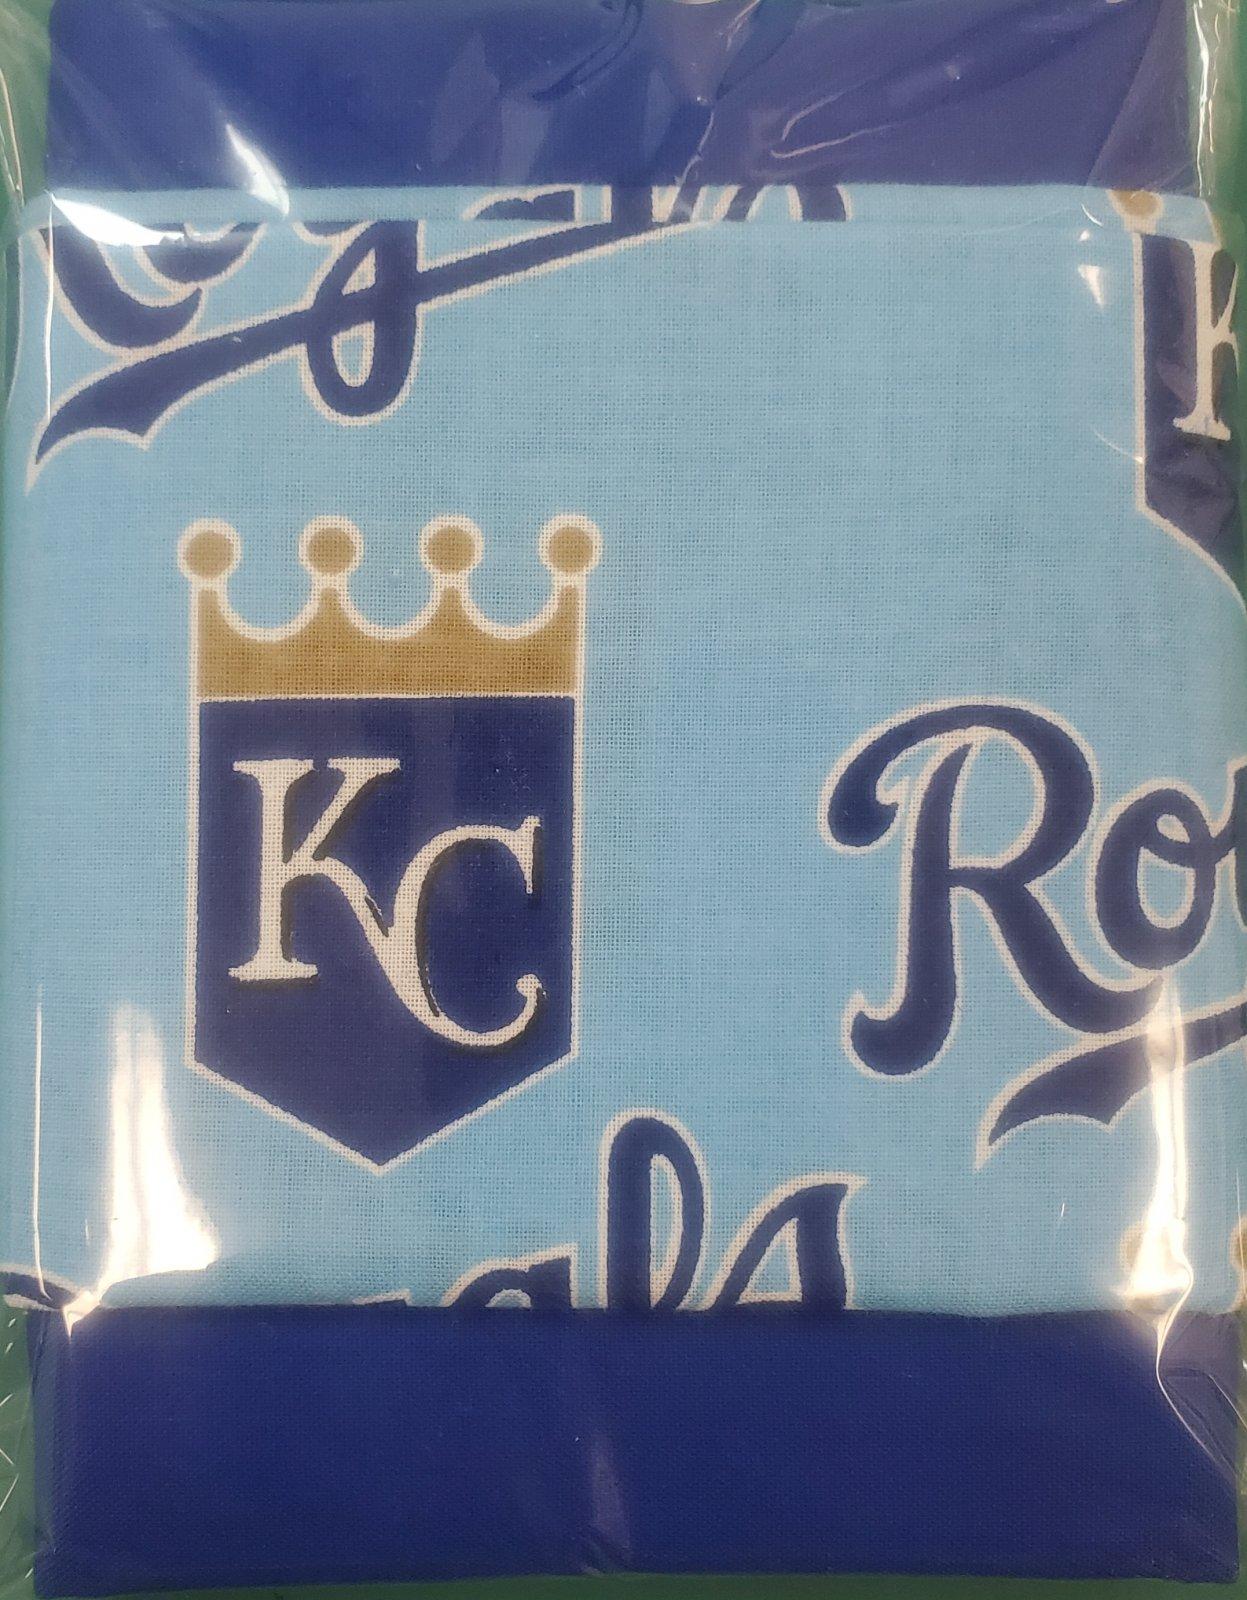 Royals Bowl Cozy Fabric Kit (Makes 4 Bowls)